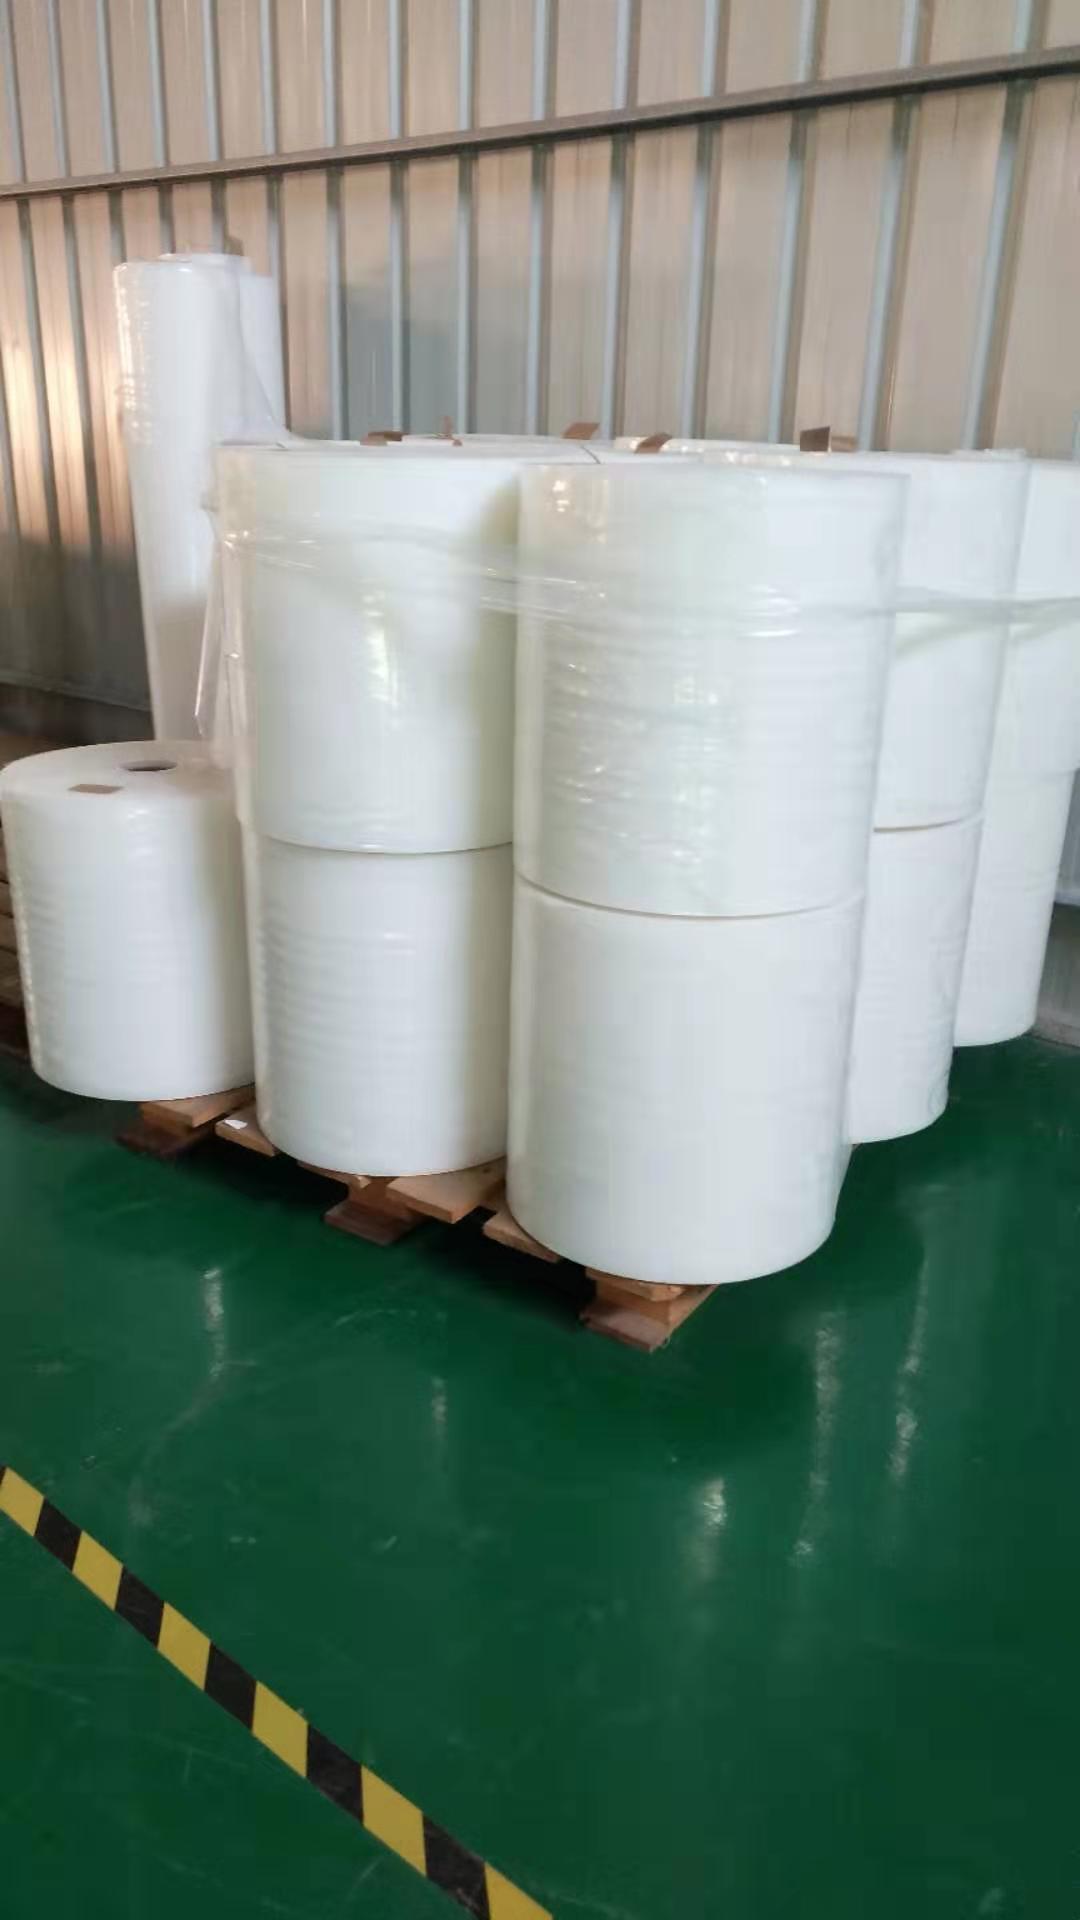 Embalaje de la piel film para embalaje de productos electrónicos